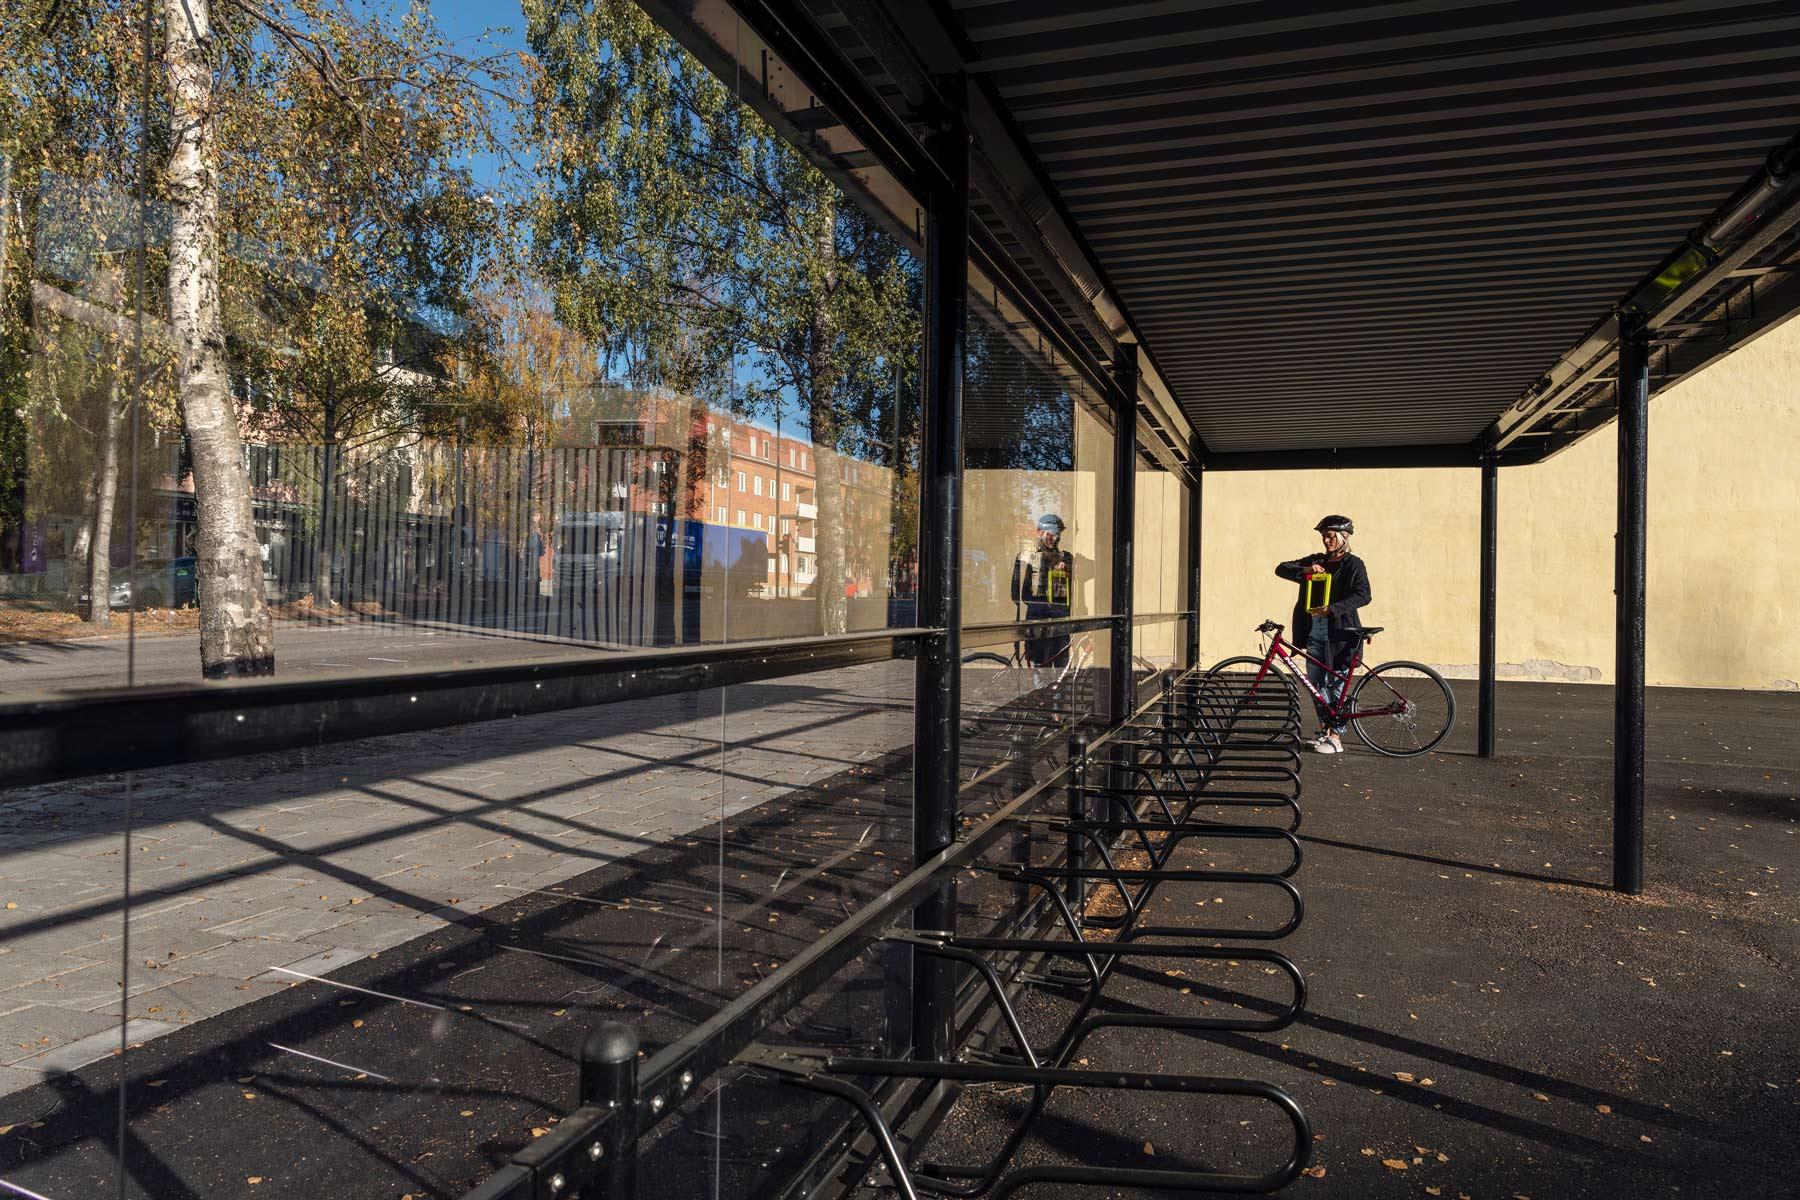 Cykeltak och cykelställ där cyklist ska låsa fast cykel i ramen